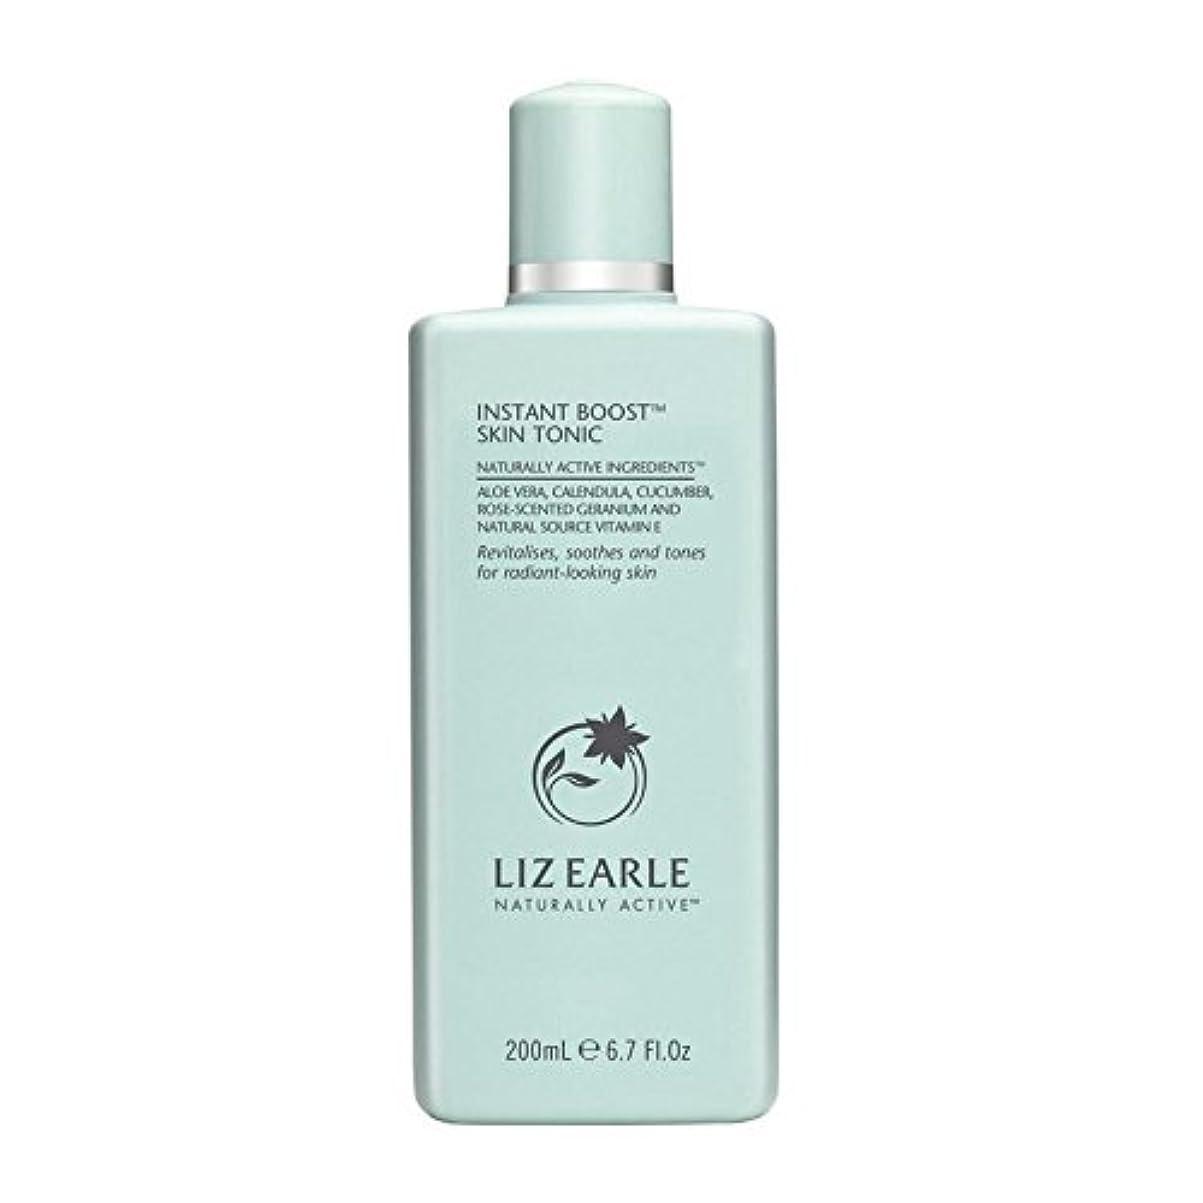 軸議会テンションLiz Earle Instant Boost Skin Tonic Bottle 200ml - リズアールインスタントブーストスキントニックボトル200ミリリットル [並行輸入品]